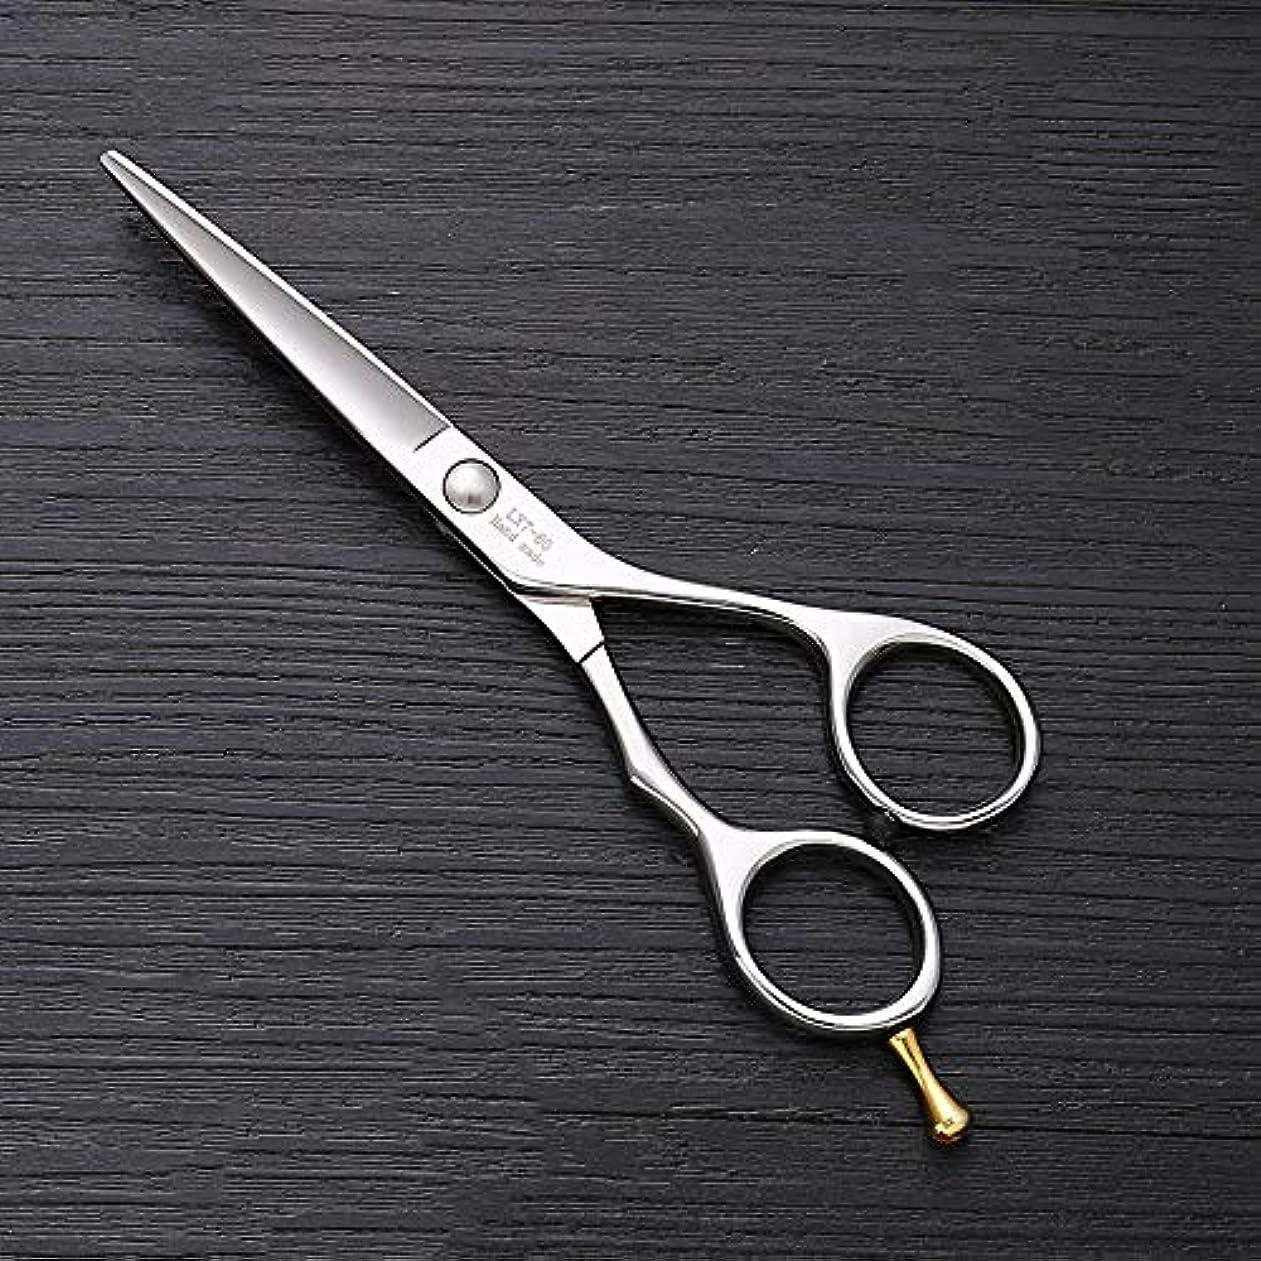 この石油ネックレット5.75インチの集中的な平らなせん断の理髪ステンレス鋼はさみ ヘアケア (色 : Silver)